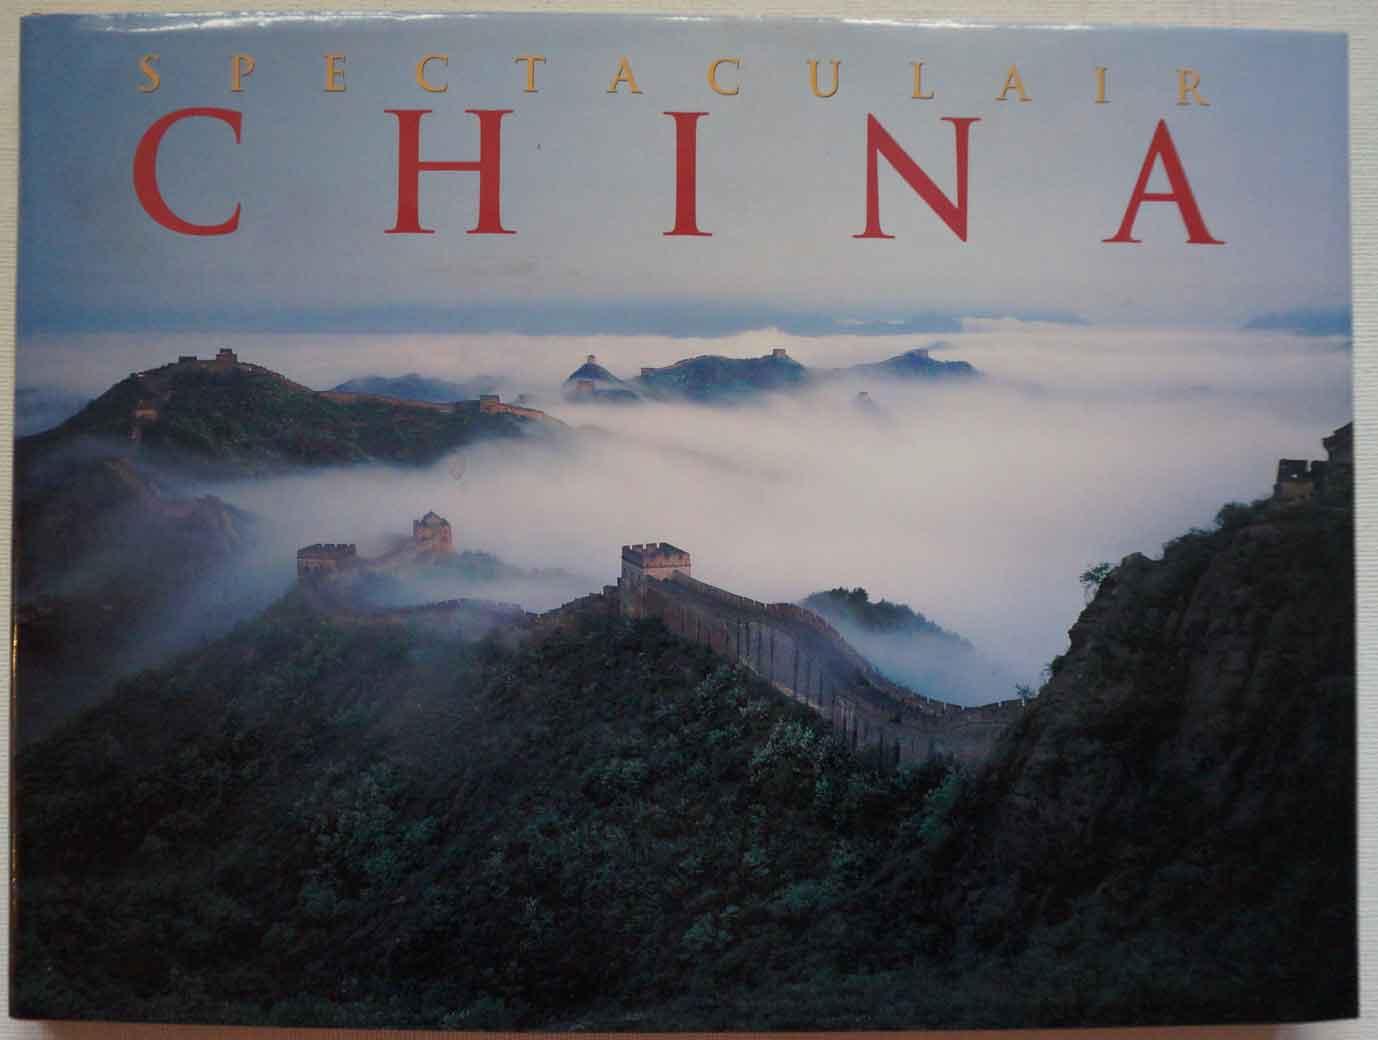 CAMERON, NIGEL & WIERTS, TRUDIE & DOELMAN, ELKE - Spectaculair china.